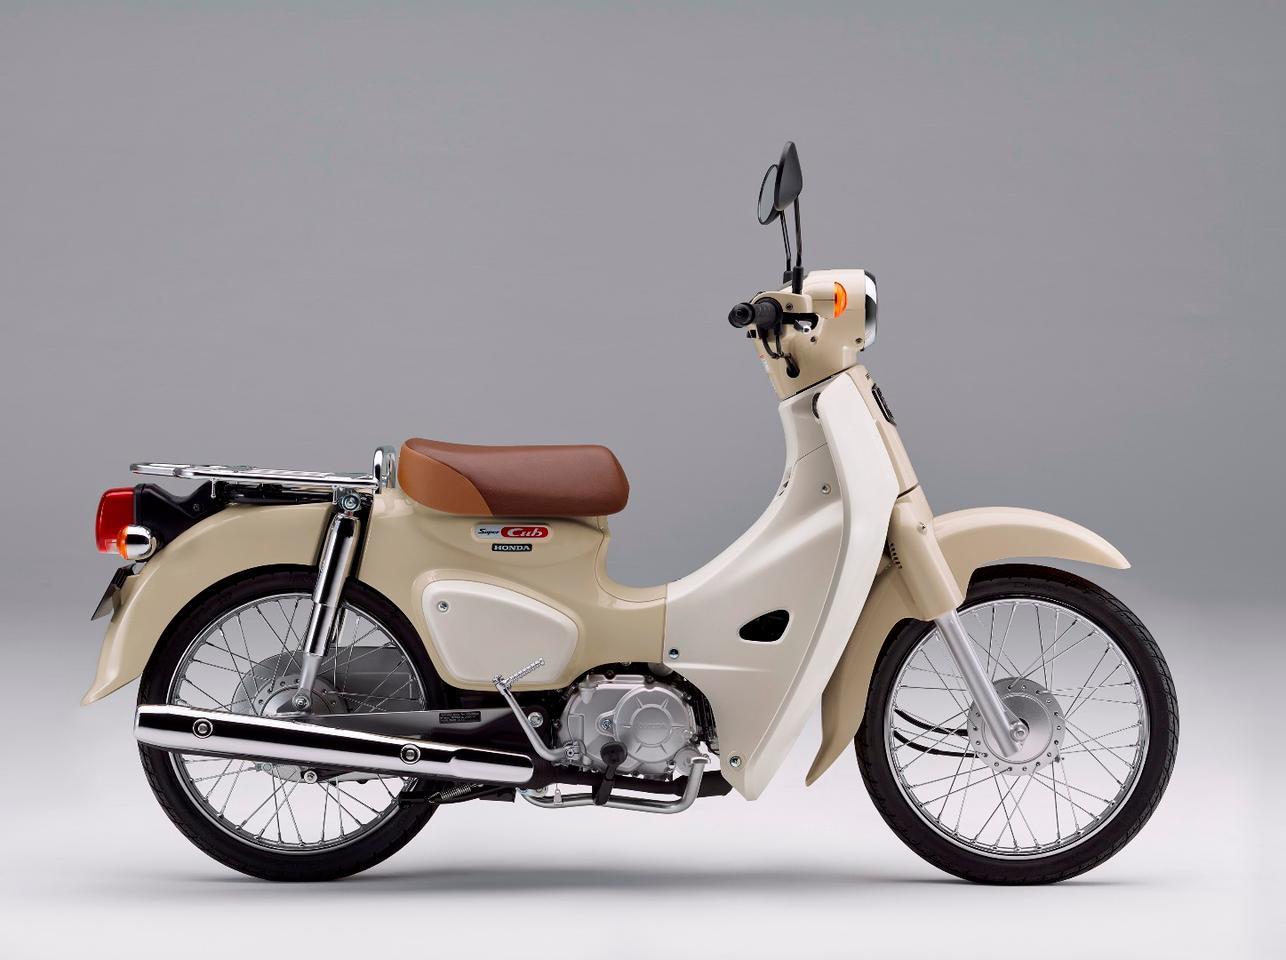 Honda reissues classic Super Cub models, celebrates 100